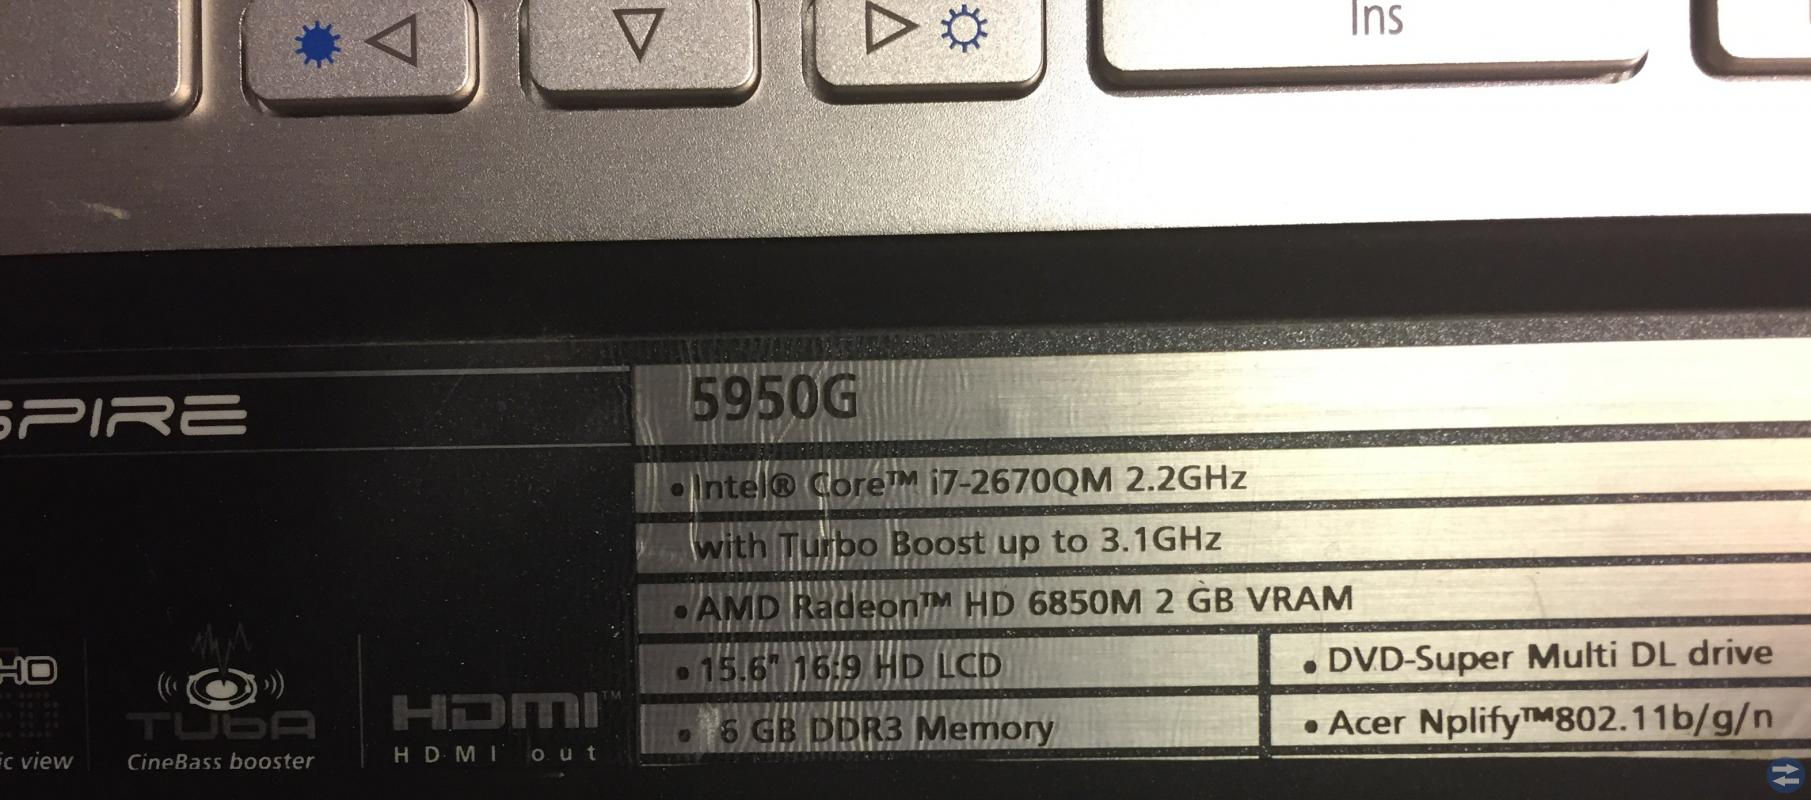 Speldator 6 GB ram i7, 8 kärnor, 5 GB bild med lad